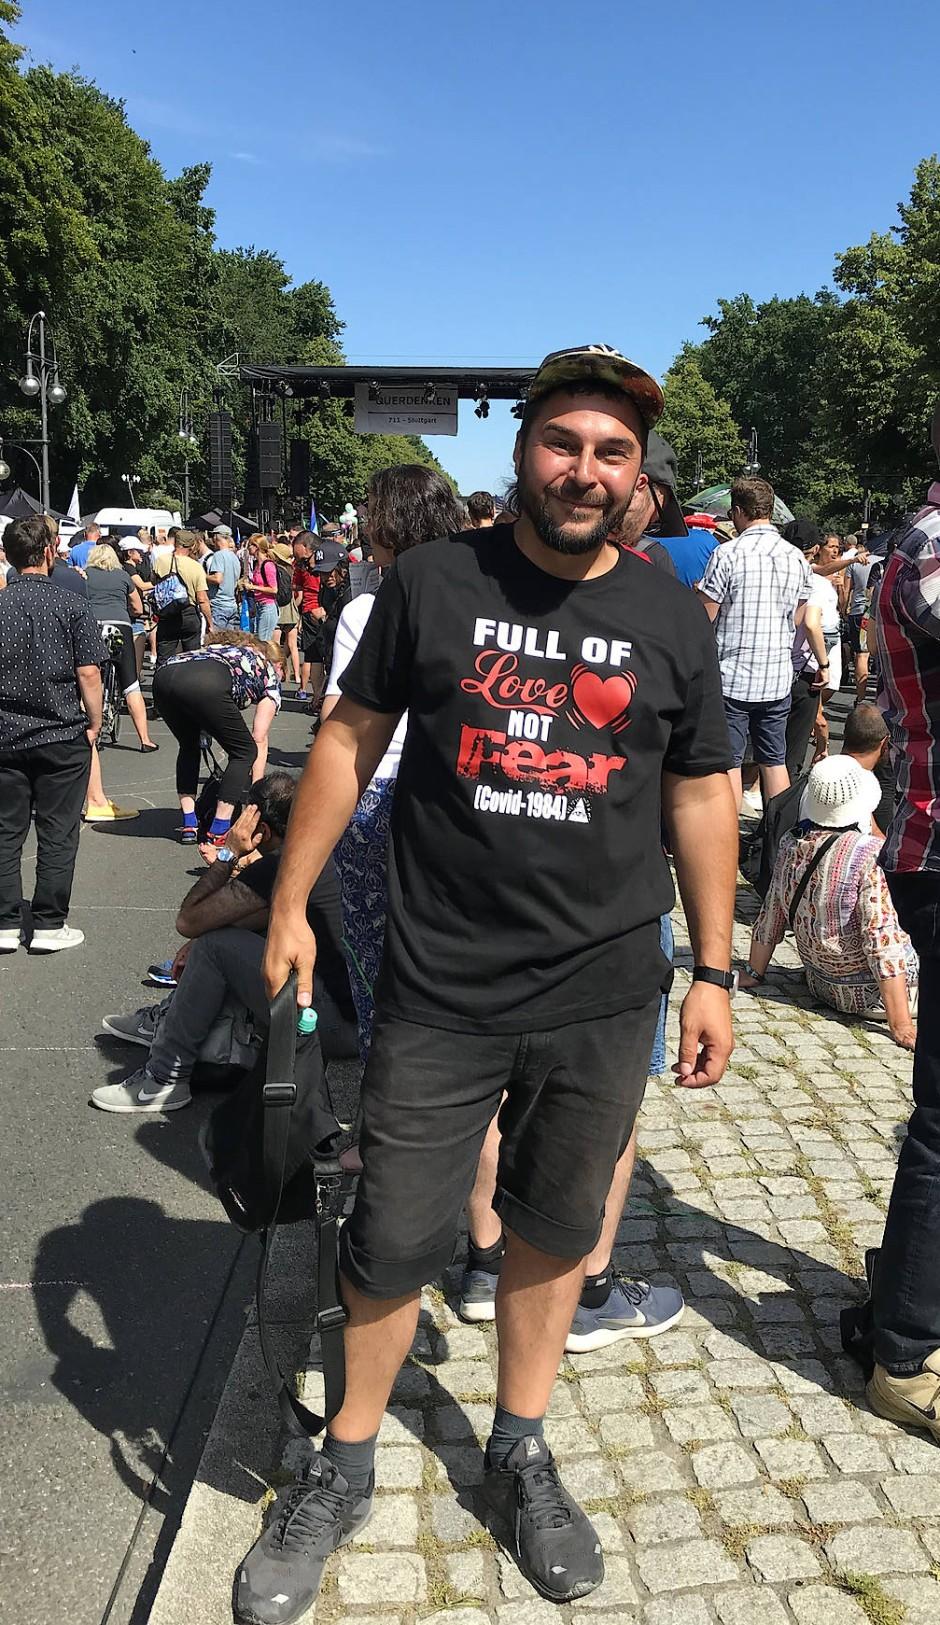 """""""Full of Love, not Fear"""" skandiert das T-Shirt von Andreas, der in Berlin gegen die Corona-Auflagen auf die Straße geht."""